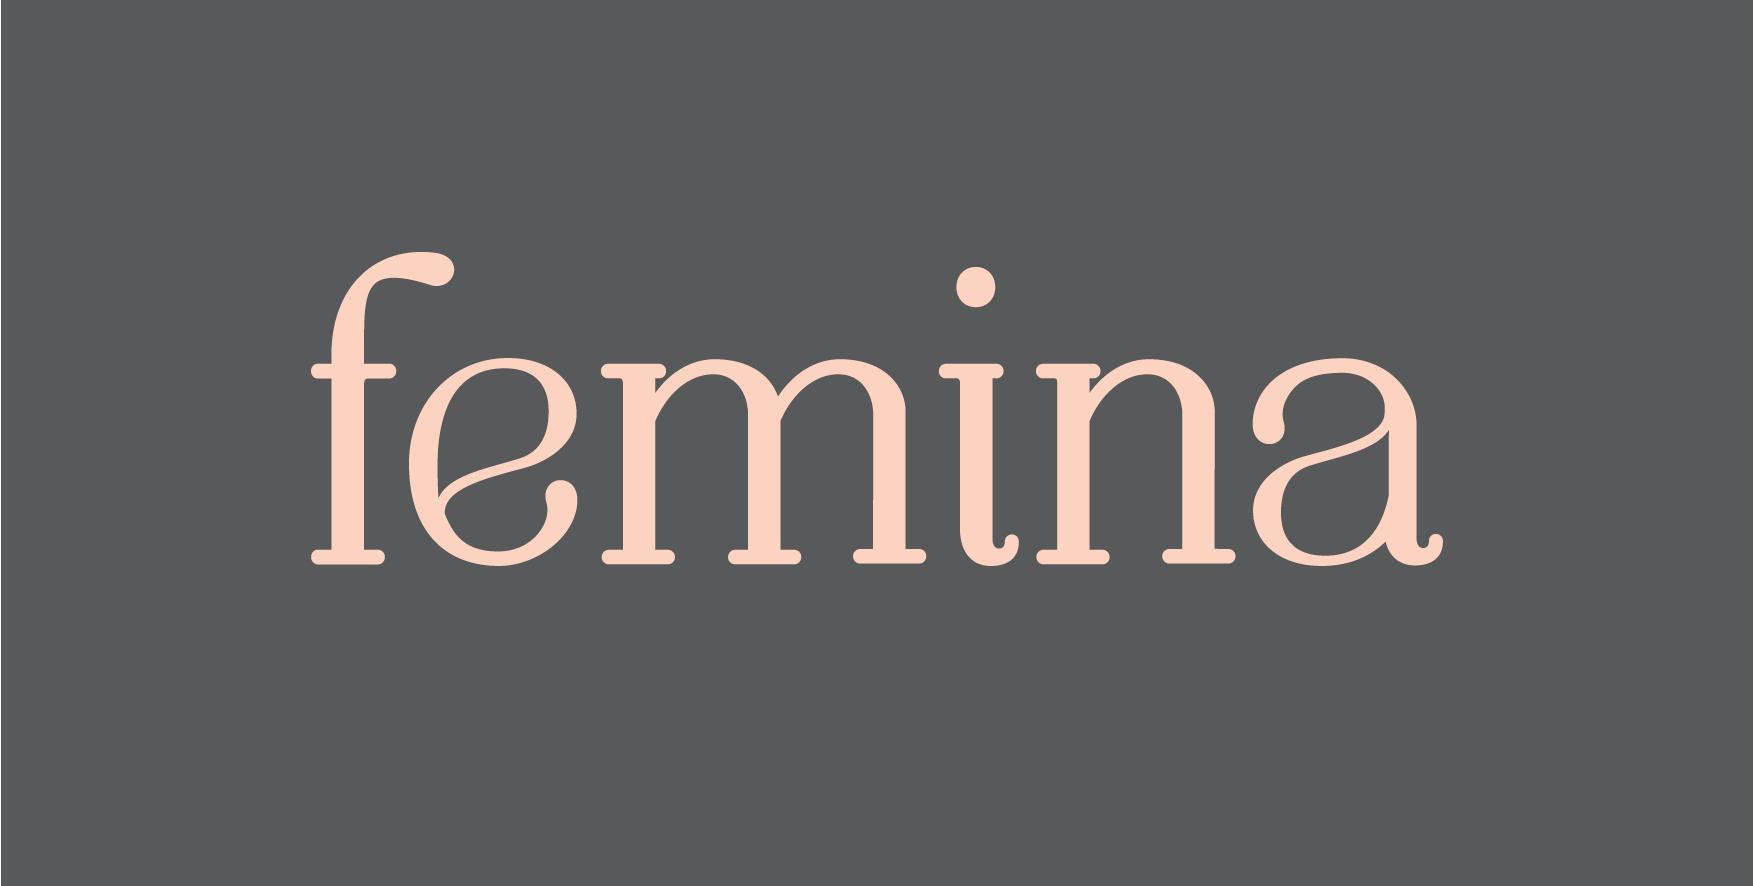 FEMINA – פמינה